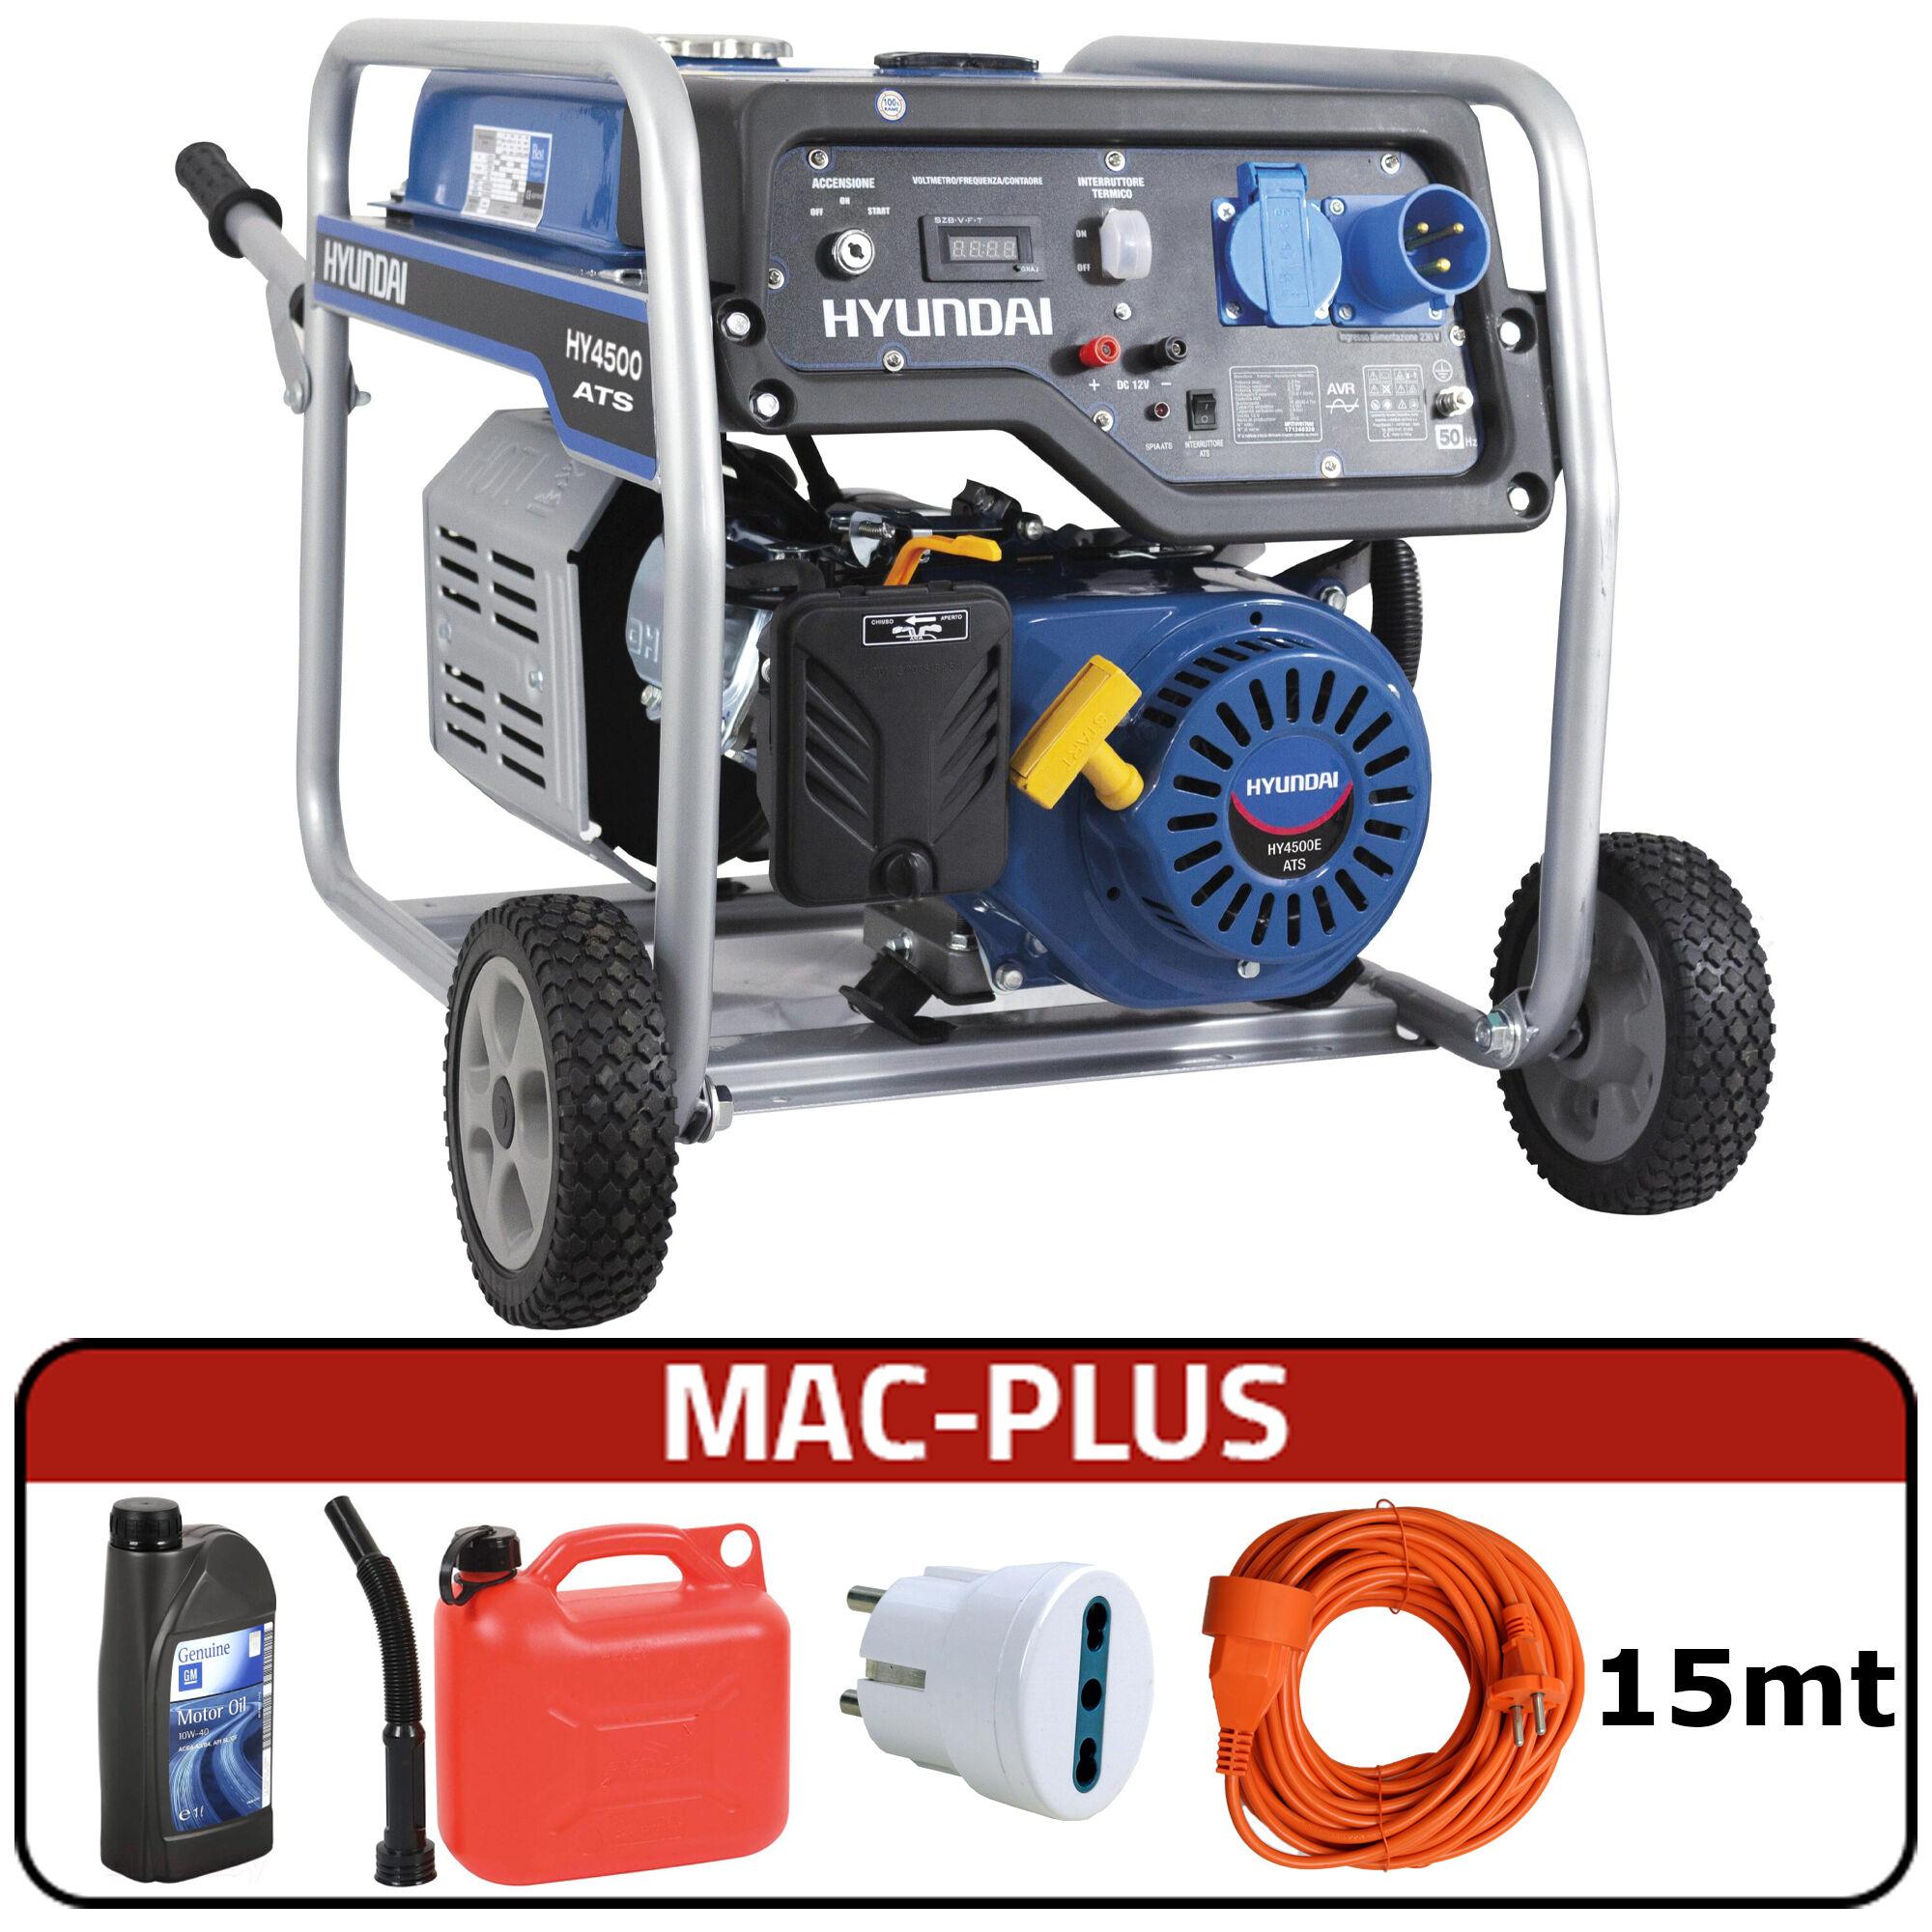 hyundai generatore di corrente carrellato hyundai 65016 - hy4500e ats con avr + mac-plus